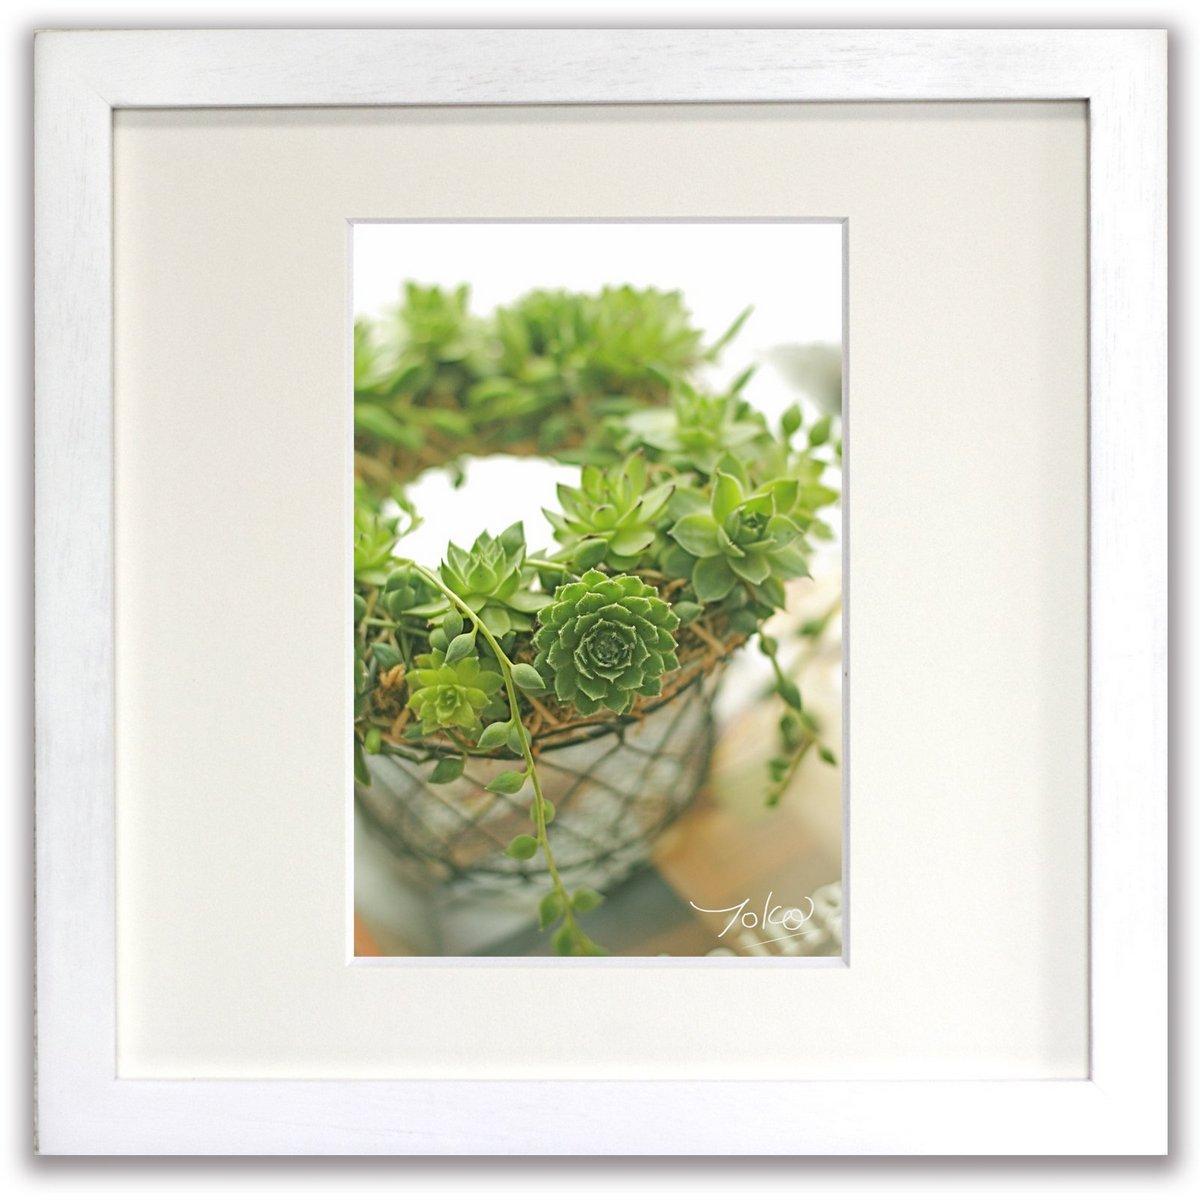 《ジクレー版画》Green Grow (グリーングロウ)〔竹内陽子〕/リビングを華やかに彩るインテリア。絵画のようなフラワーフォト